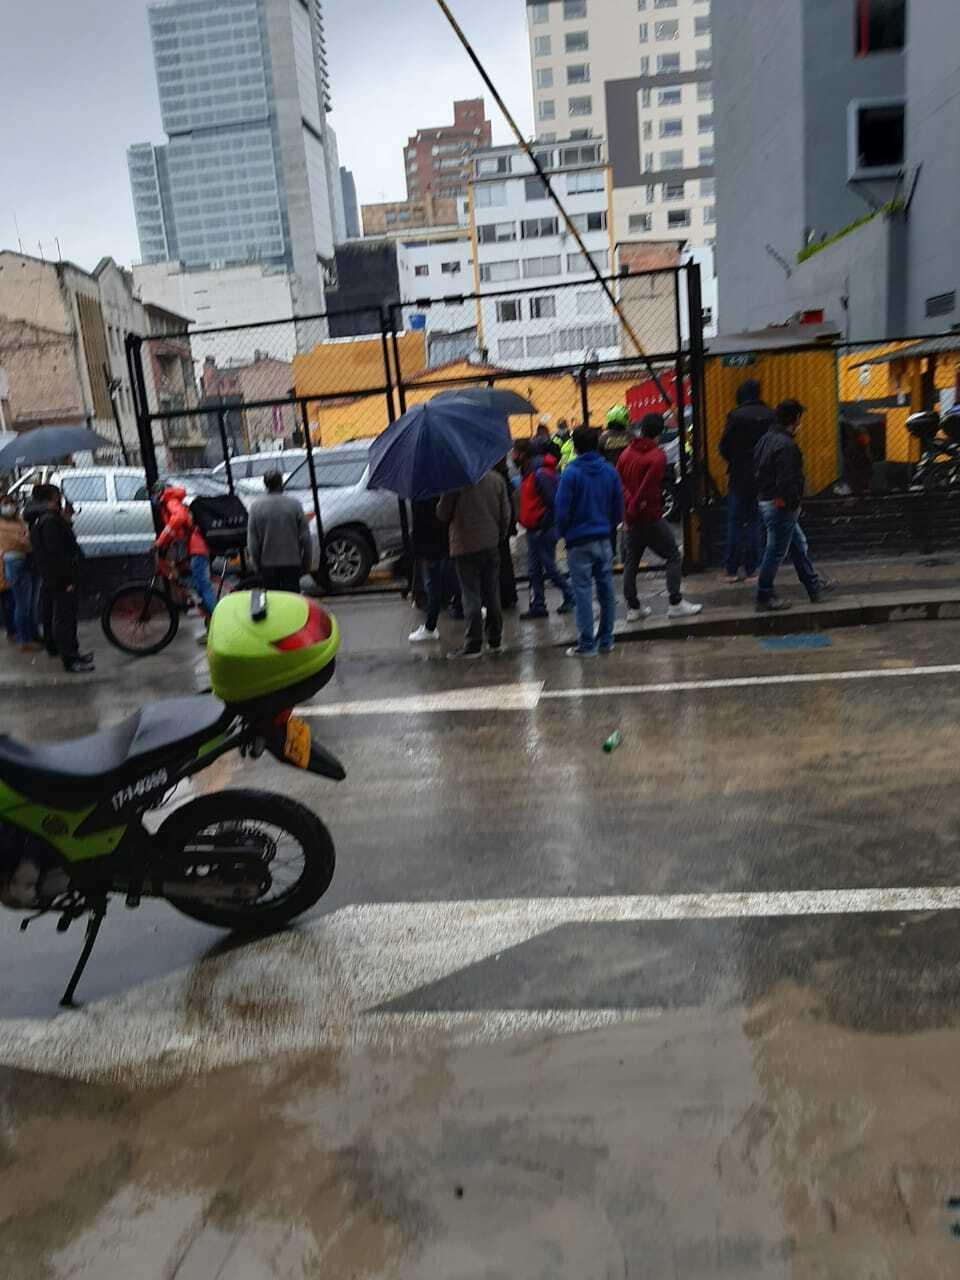 Balacera en Bogota.jfif